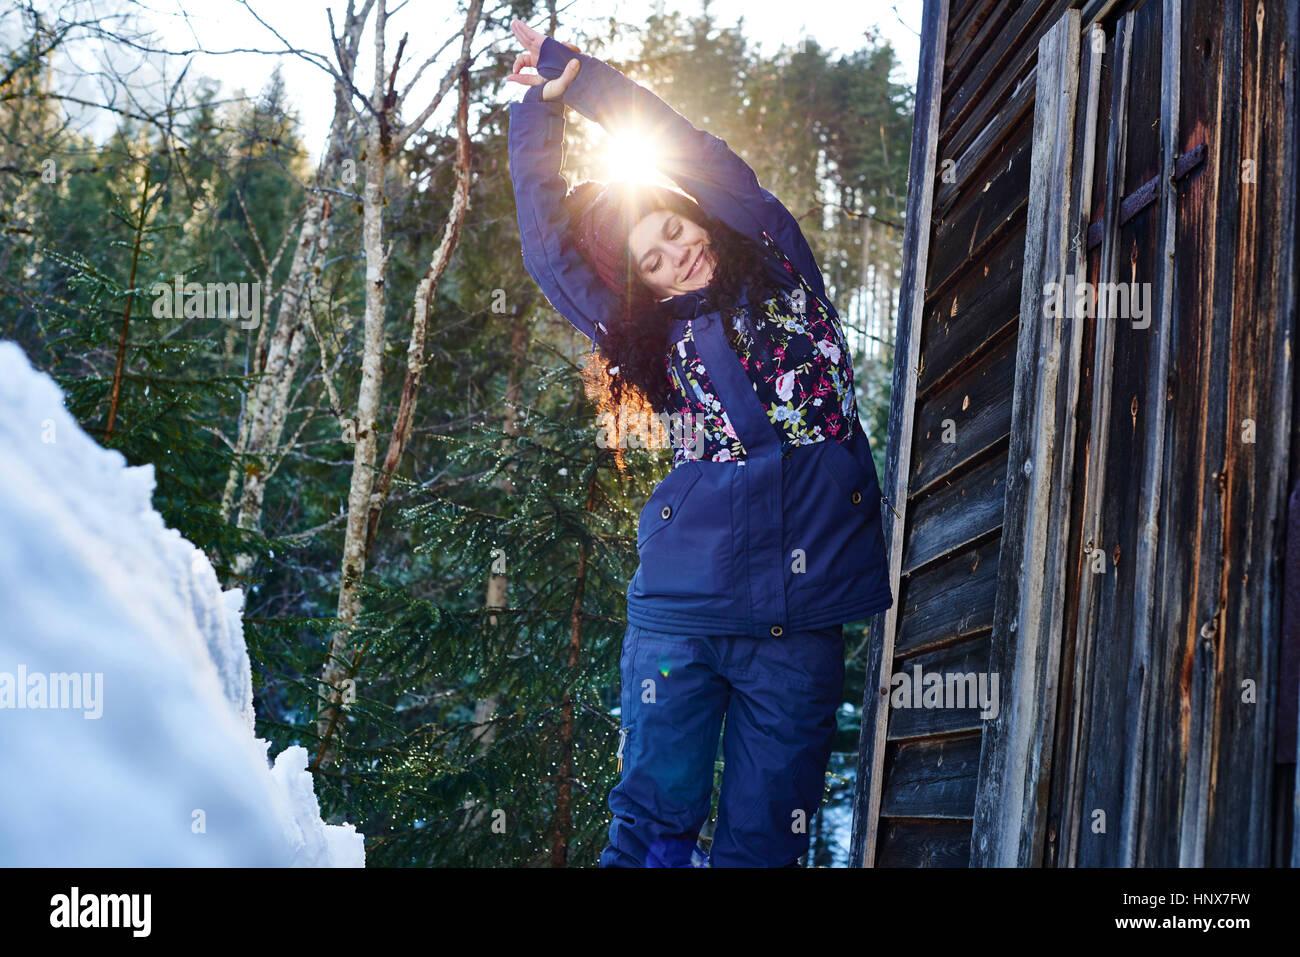 Donna in abbigliamento invernale praticare Half moon yoga posa in neve tramite log cabin, Austria Immagini Stock